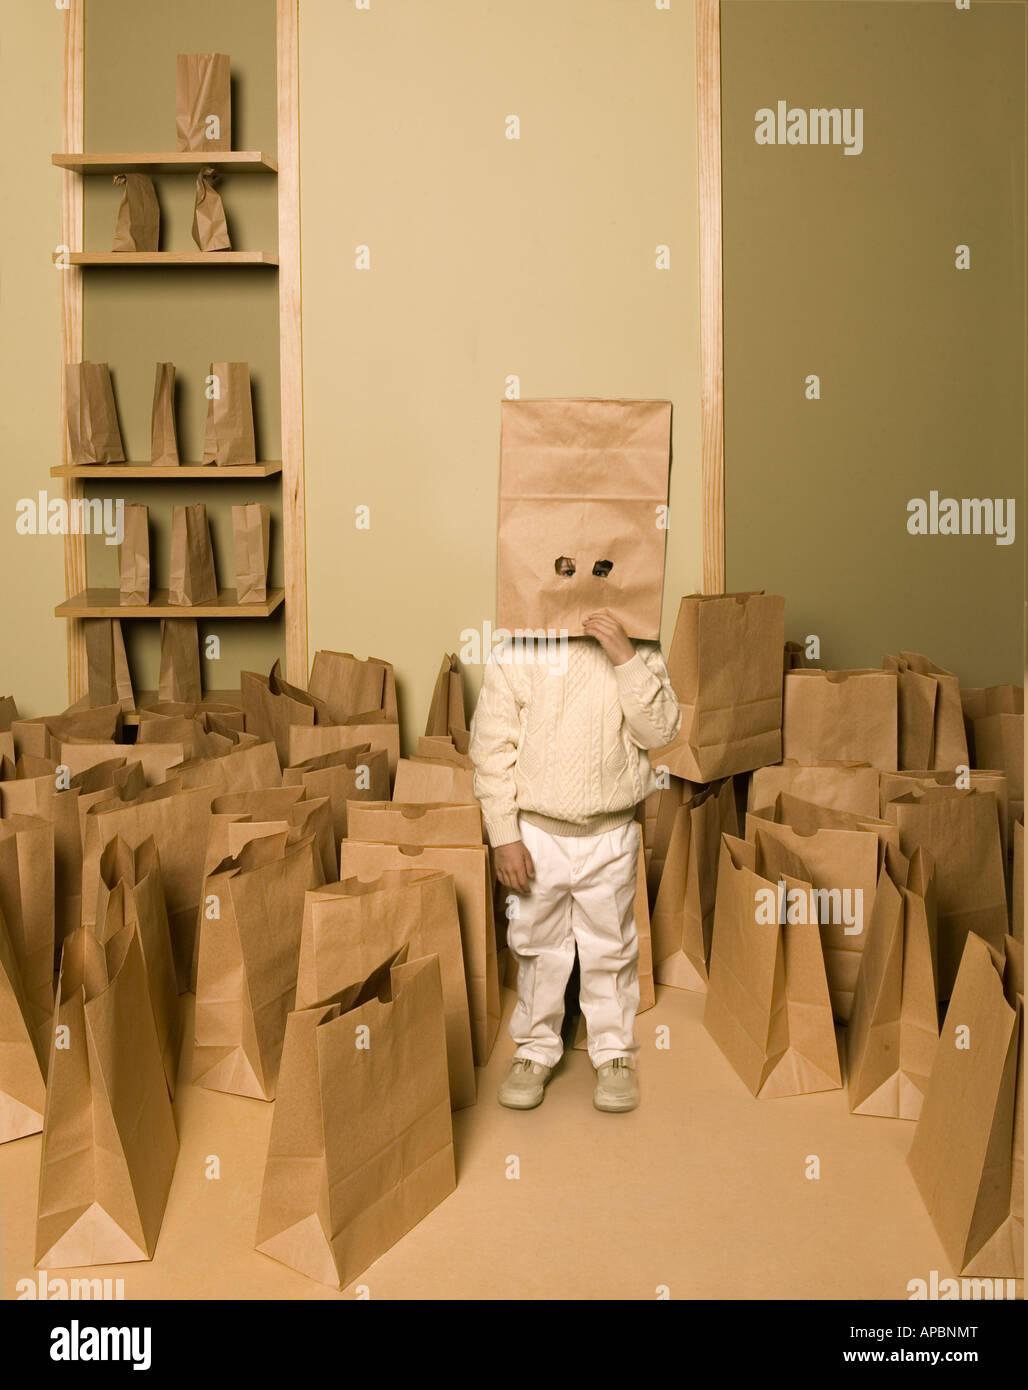 junges Kind steht unter mehreren Papiertüten mit Papiertüte auf dem Kopf mit ausgeschnittenen Augen als Maske verbergen Stockfoto